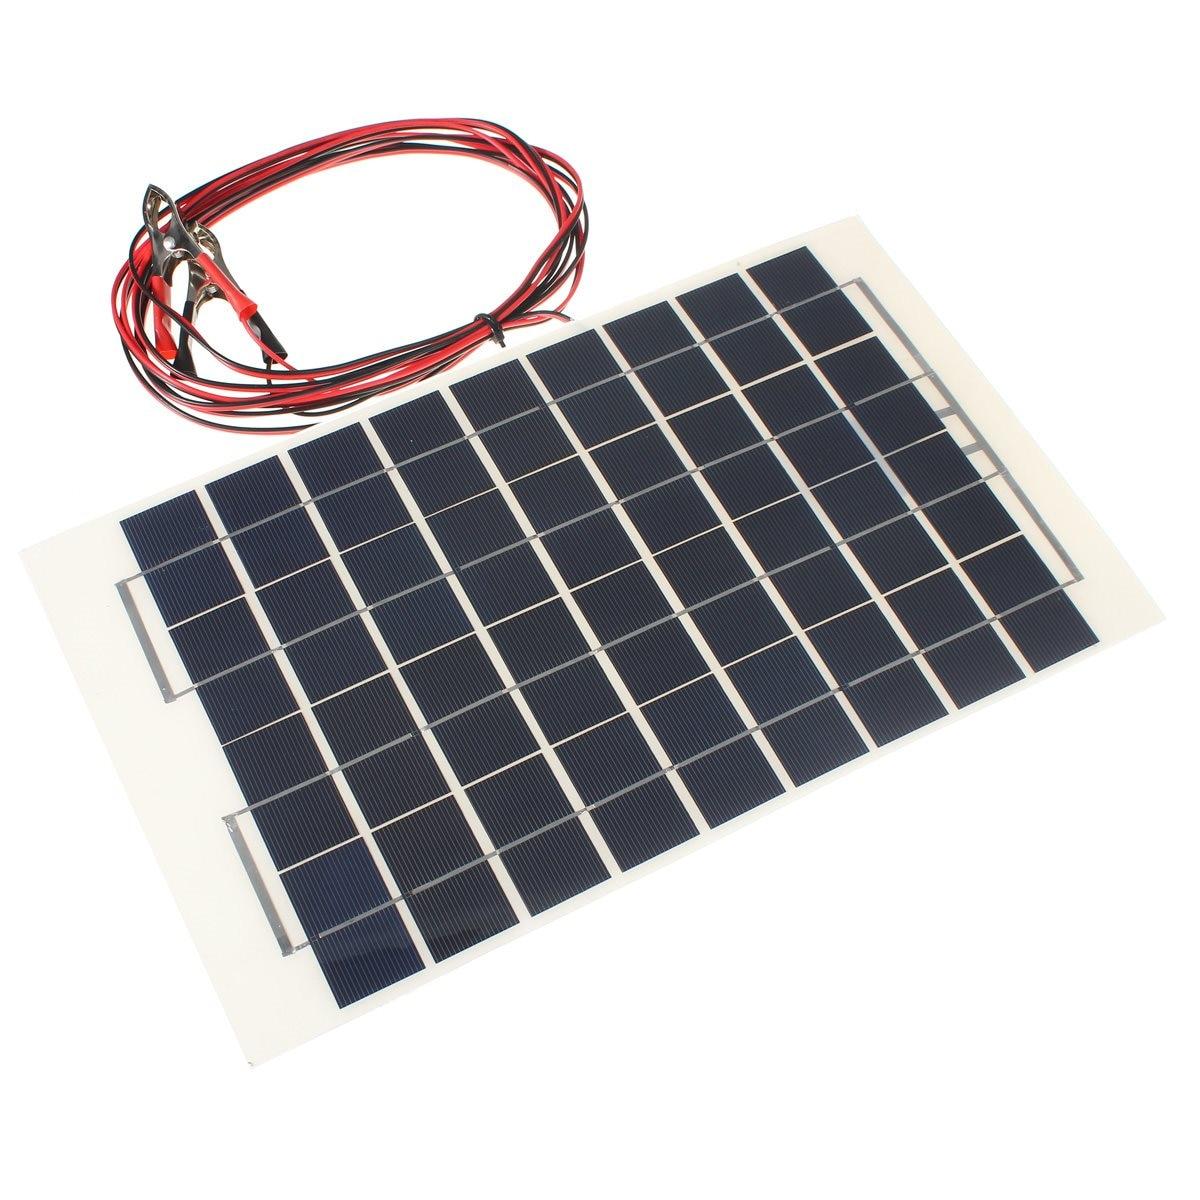 Baterias Solares 12 v 10 w painel Modelo Número : Solar Panel